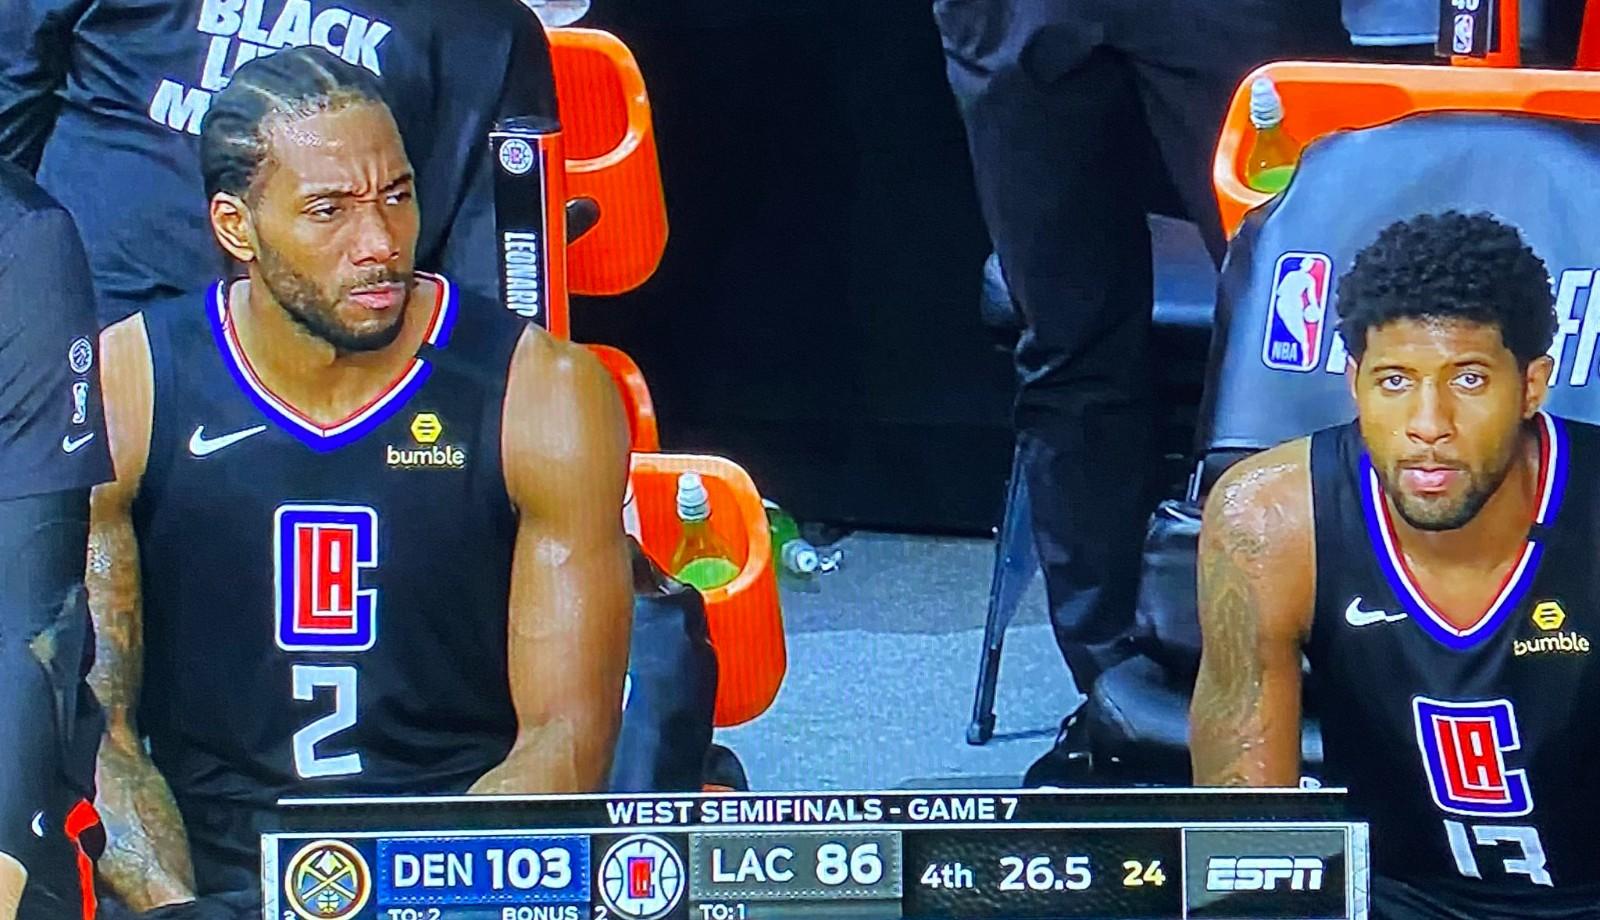 該來的還是來了!快艇球迷怒了,焚燒喬治球衣洩憤,這是PG第3次遭此待遇…-黑特籃球-NBA新聞影音圖片分享社區